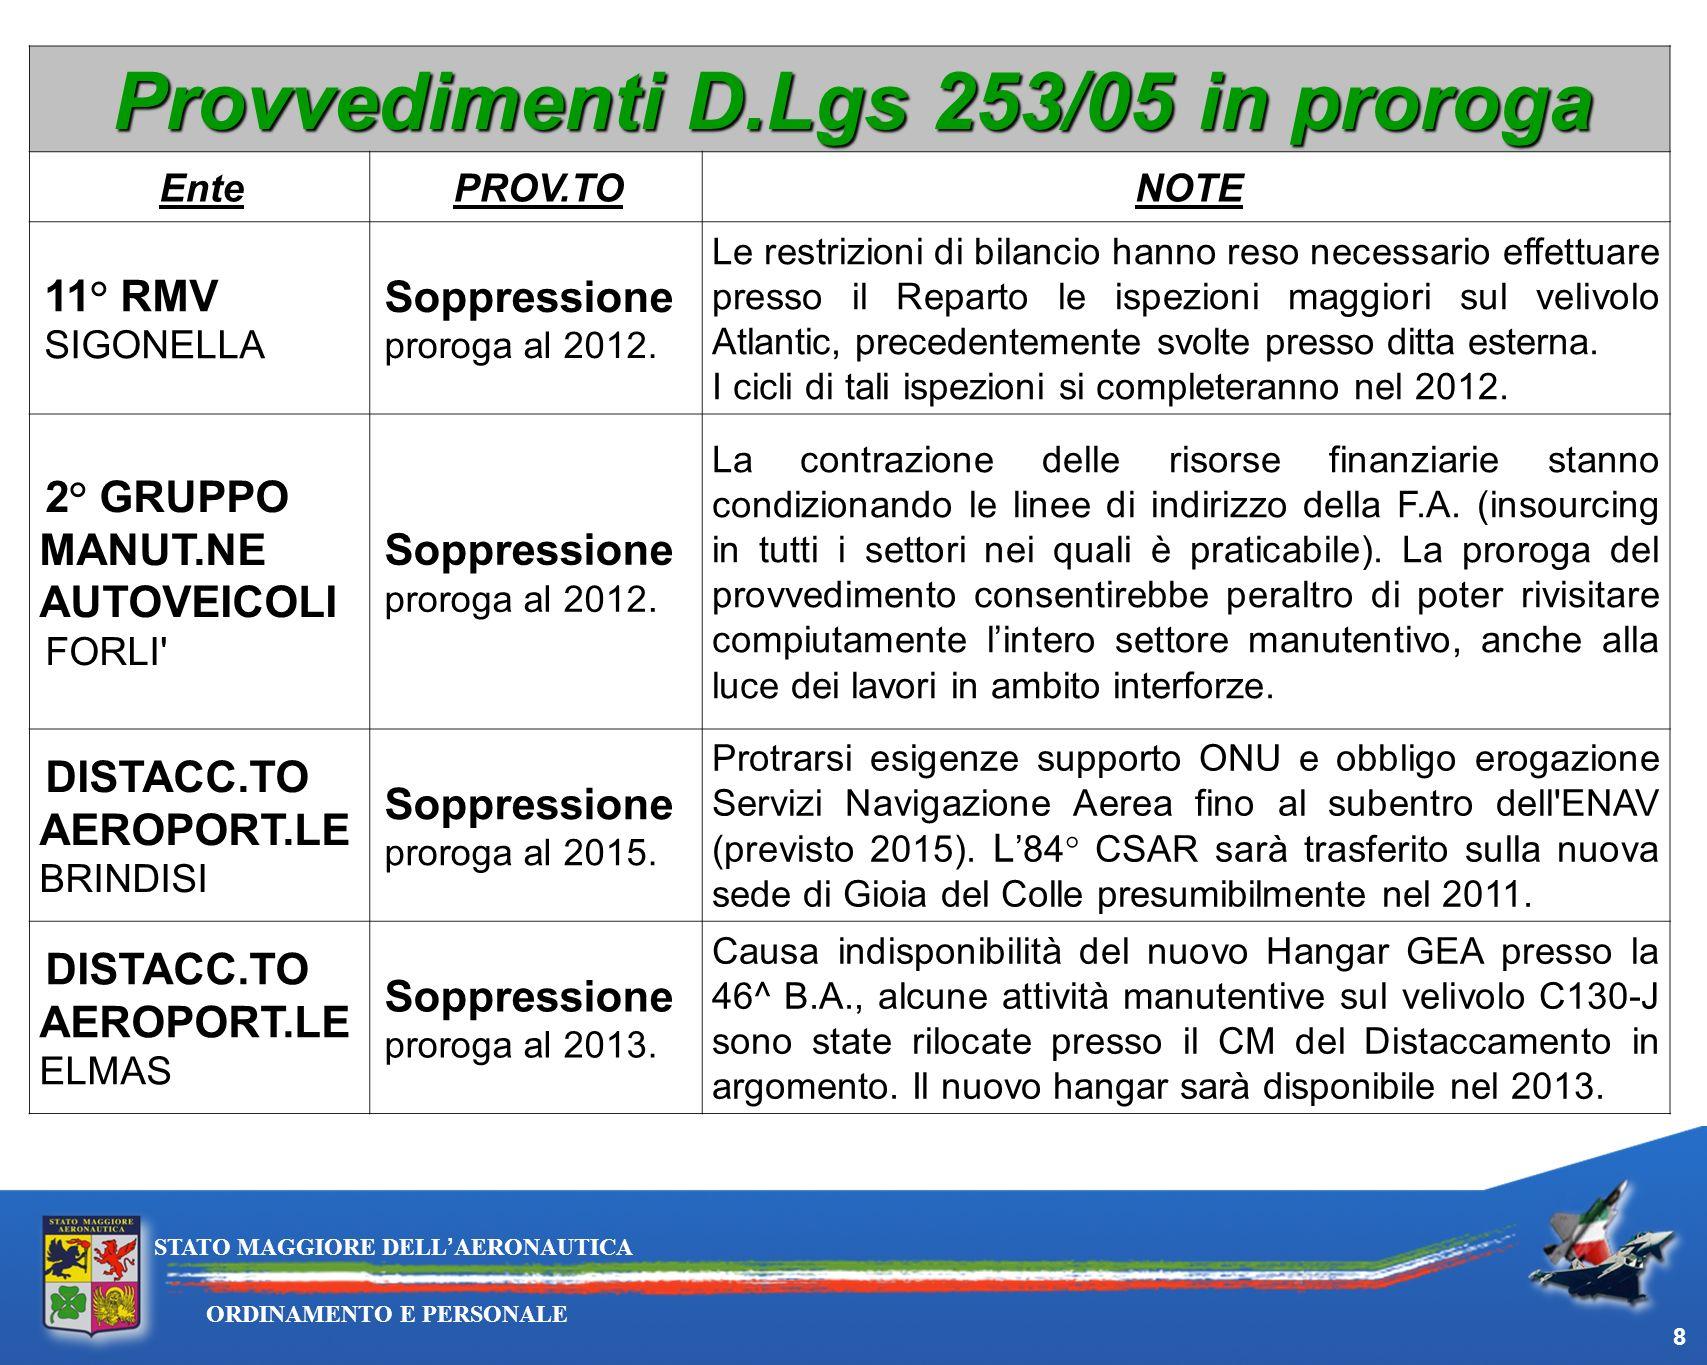 8 ORDINAMENTO E PERSONALE STATO MAGGIORE DELLAERONAUTICA Provvedimenti D.Lgs 253/05 in proroga EntePROV.TONOTE 11° RMV SIGONELLA Soppressione proroga